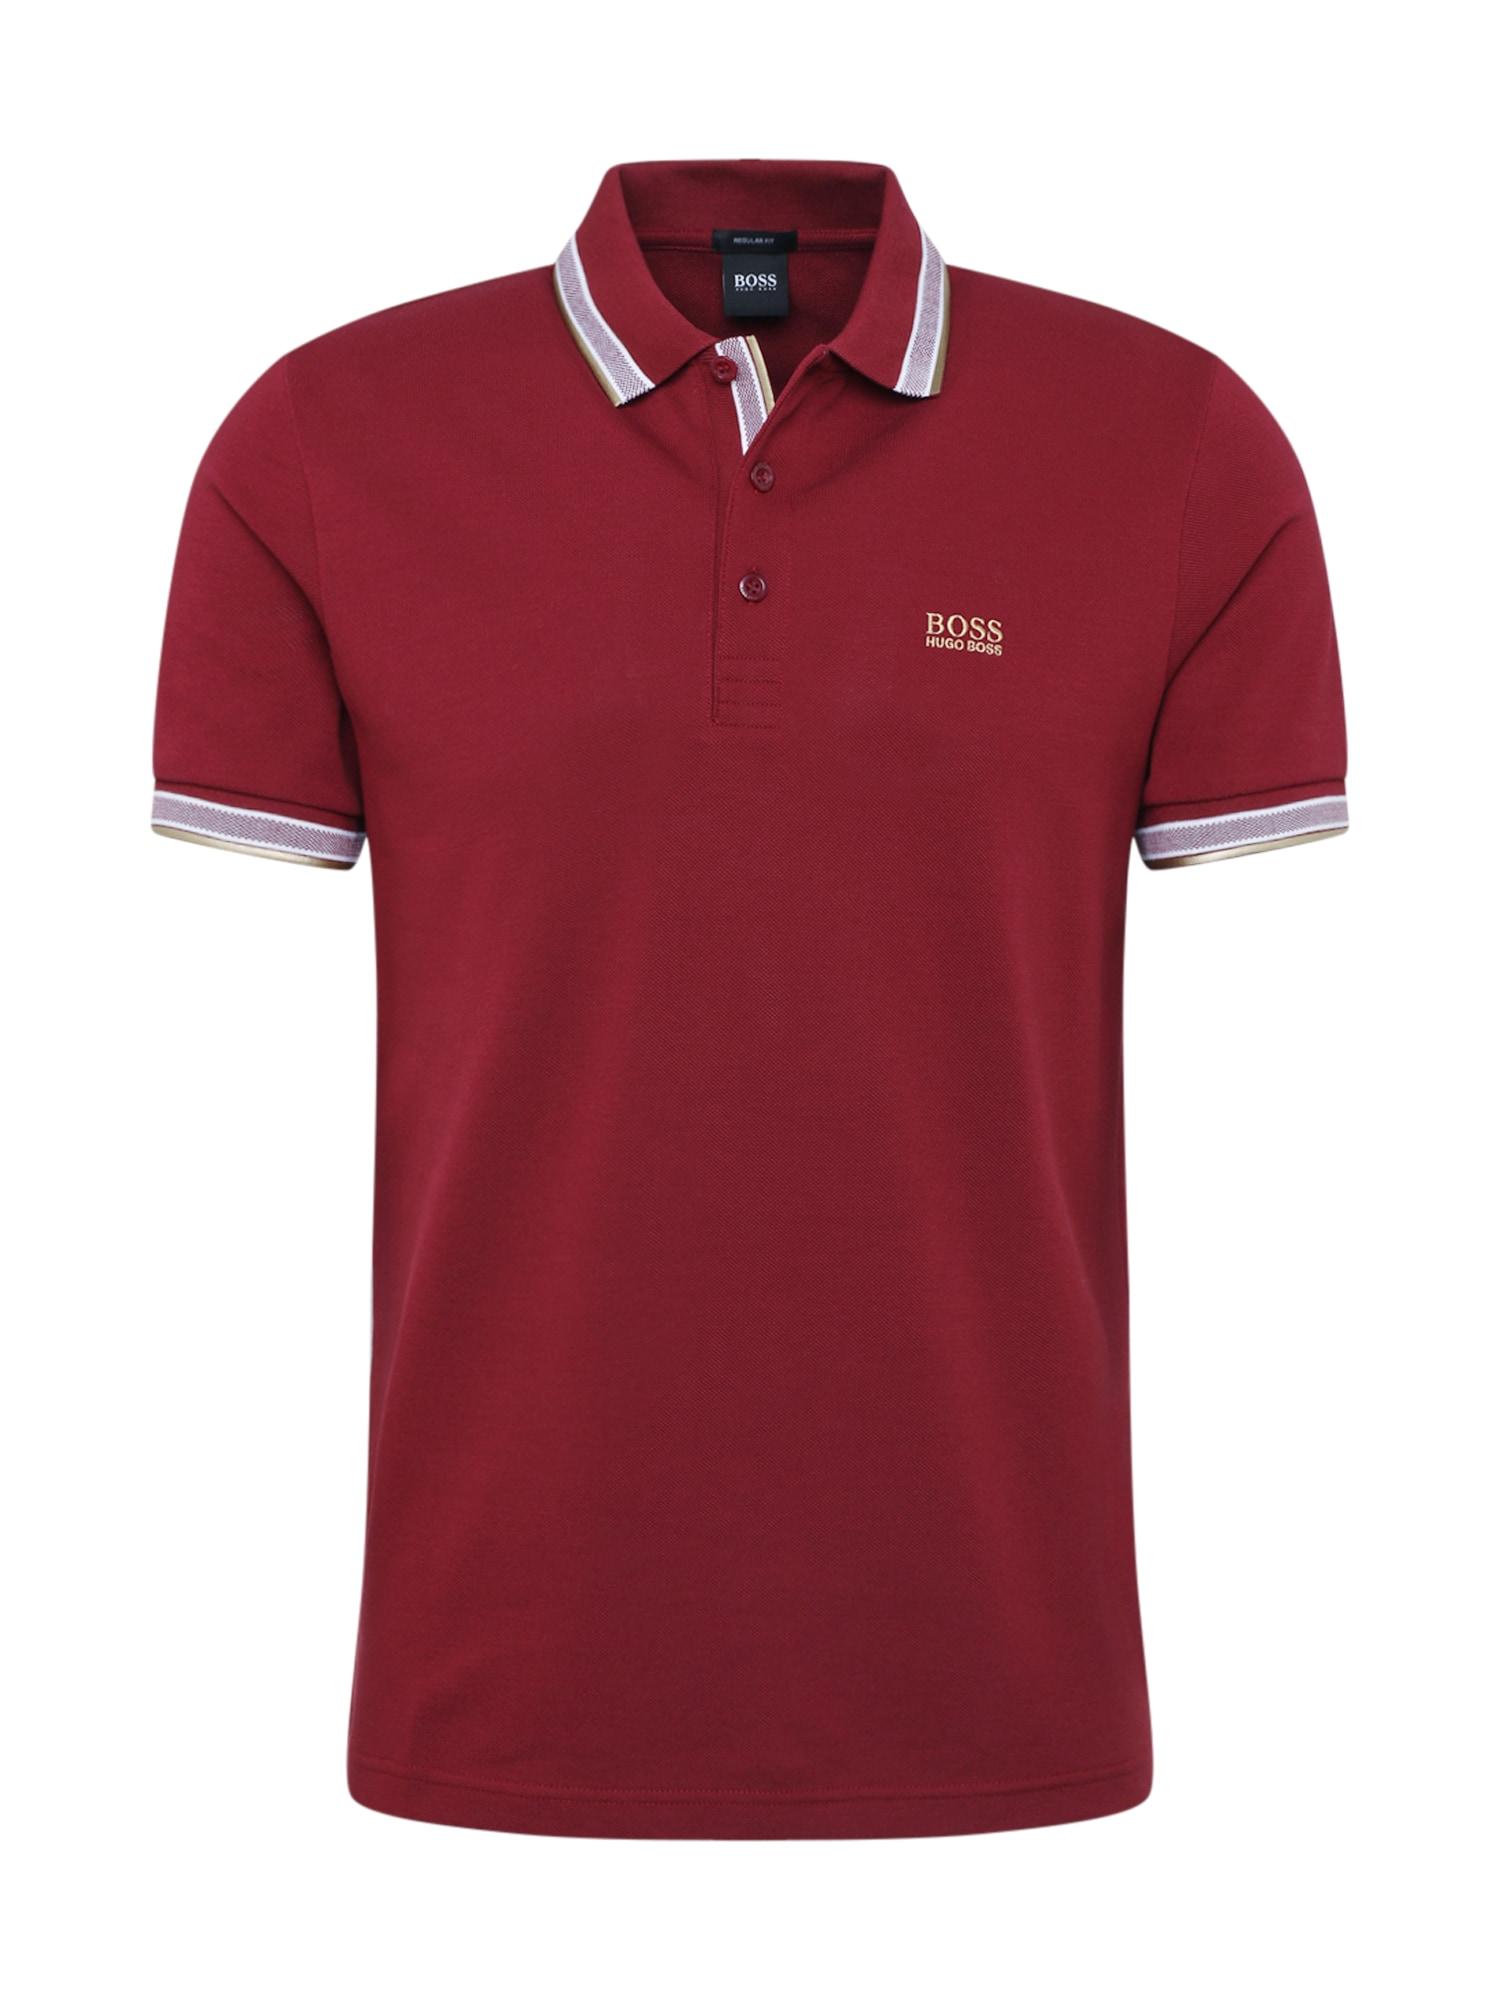 BOSS ATHLEISURE Marškinėliai 'Paddy' raudona